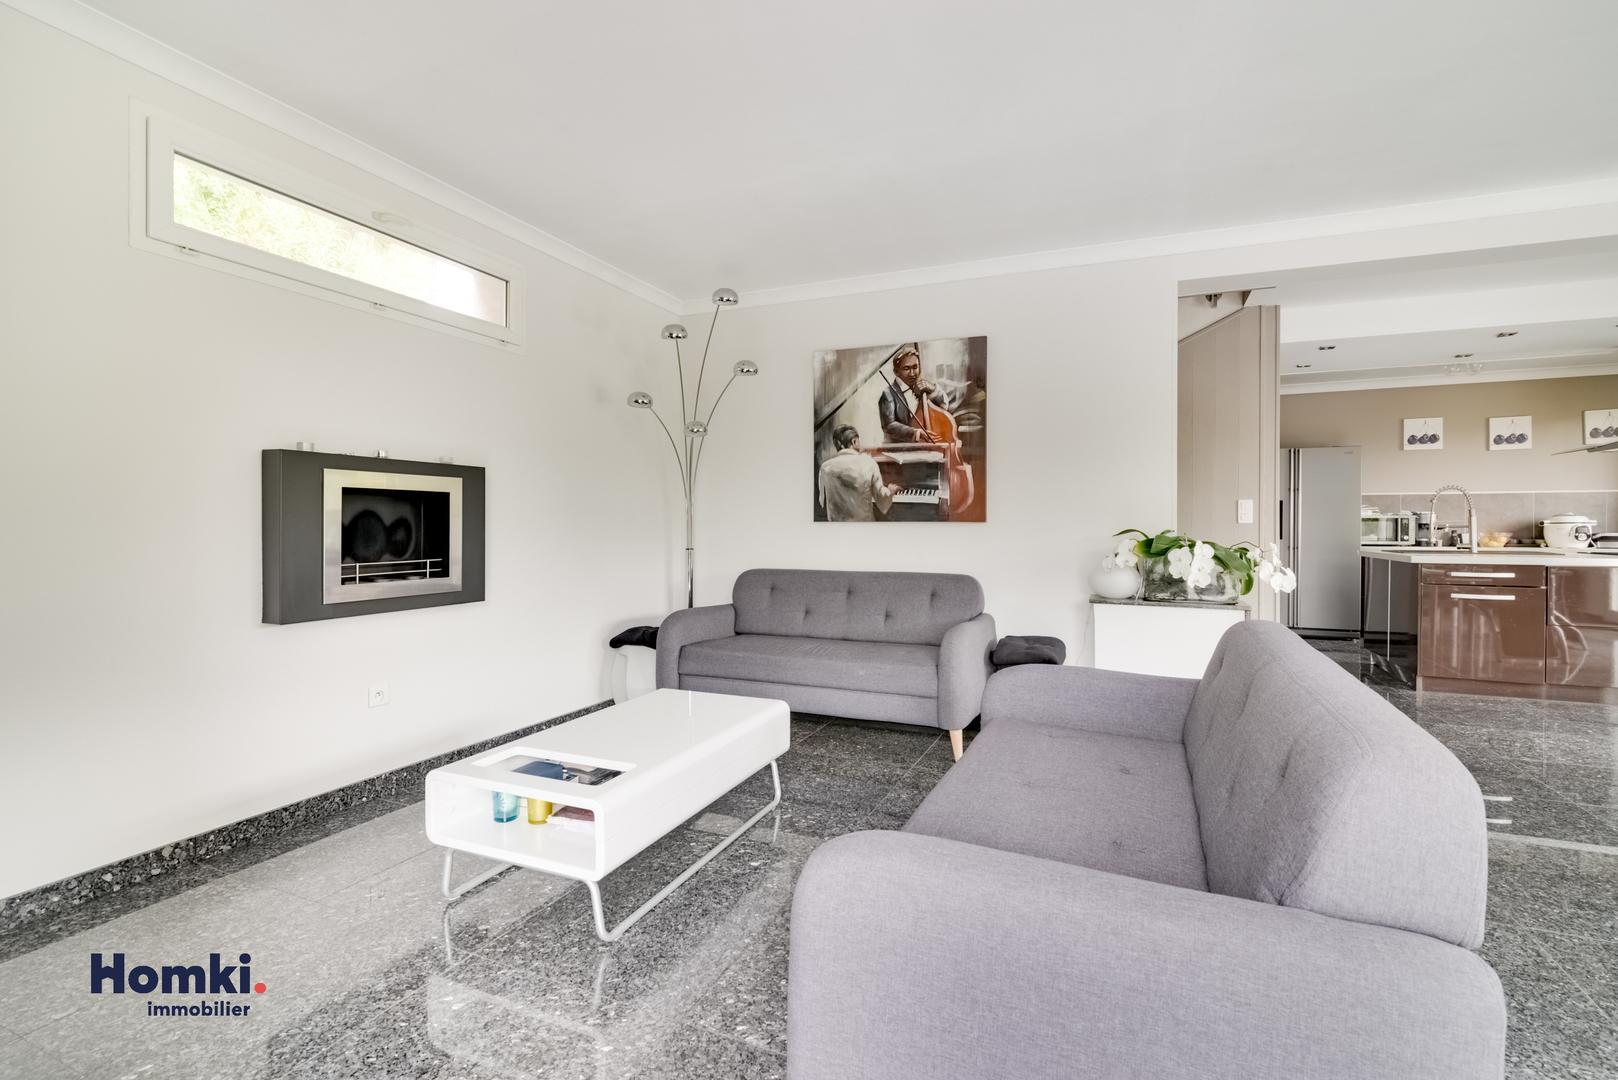 Vente Maison 112 m² T4 06810_5